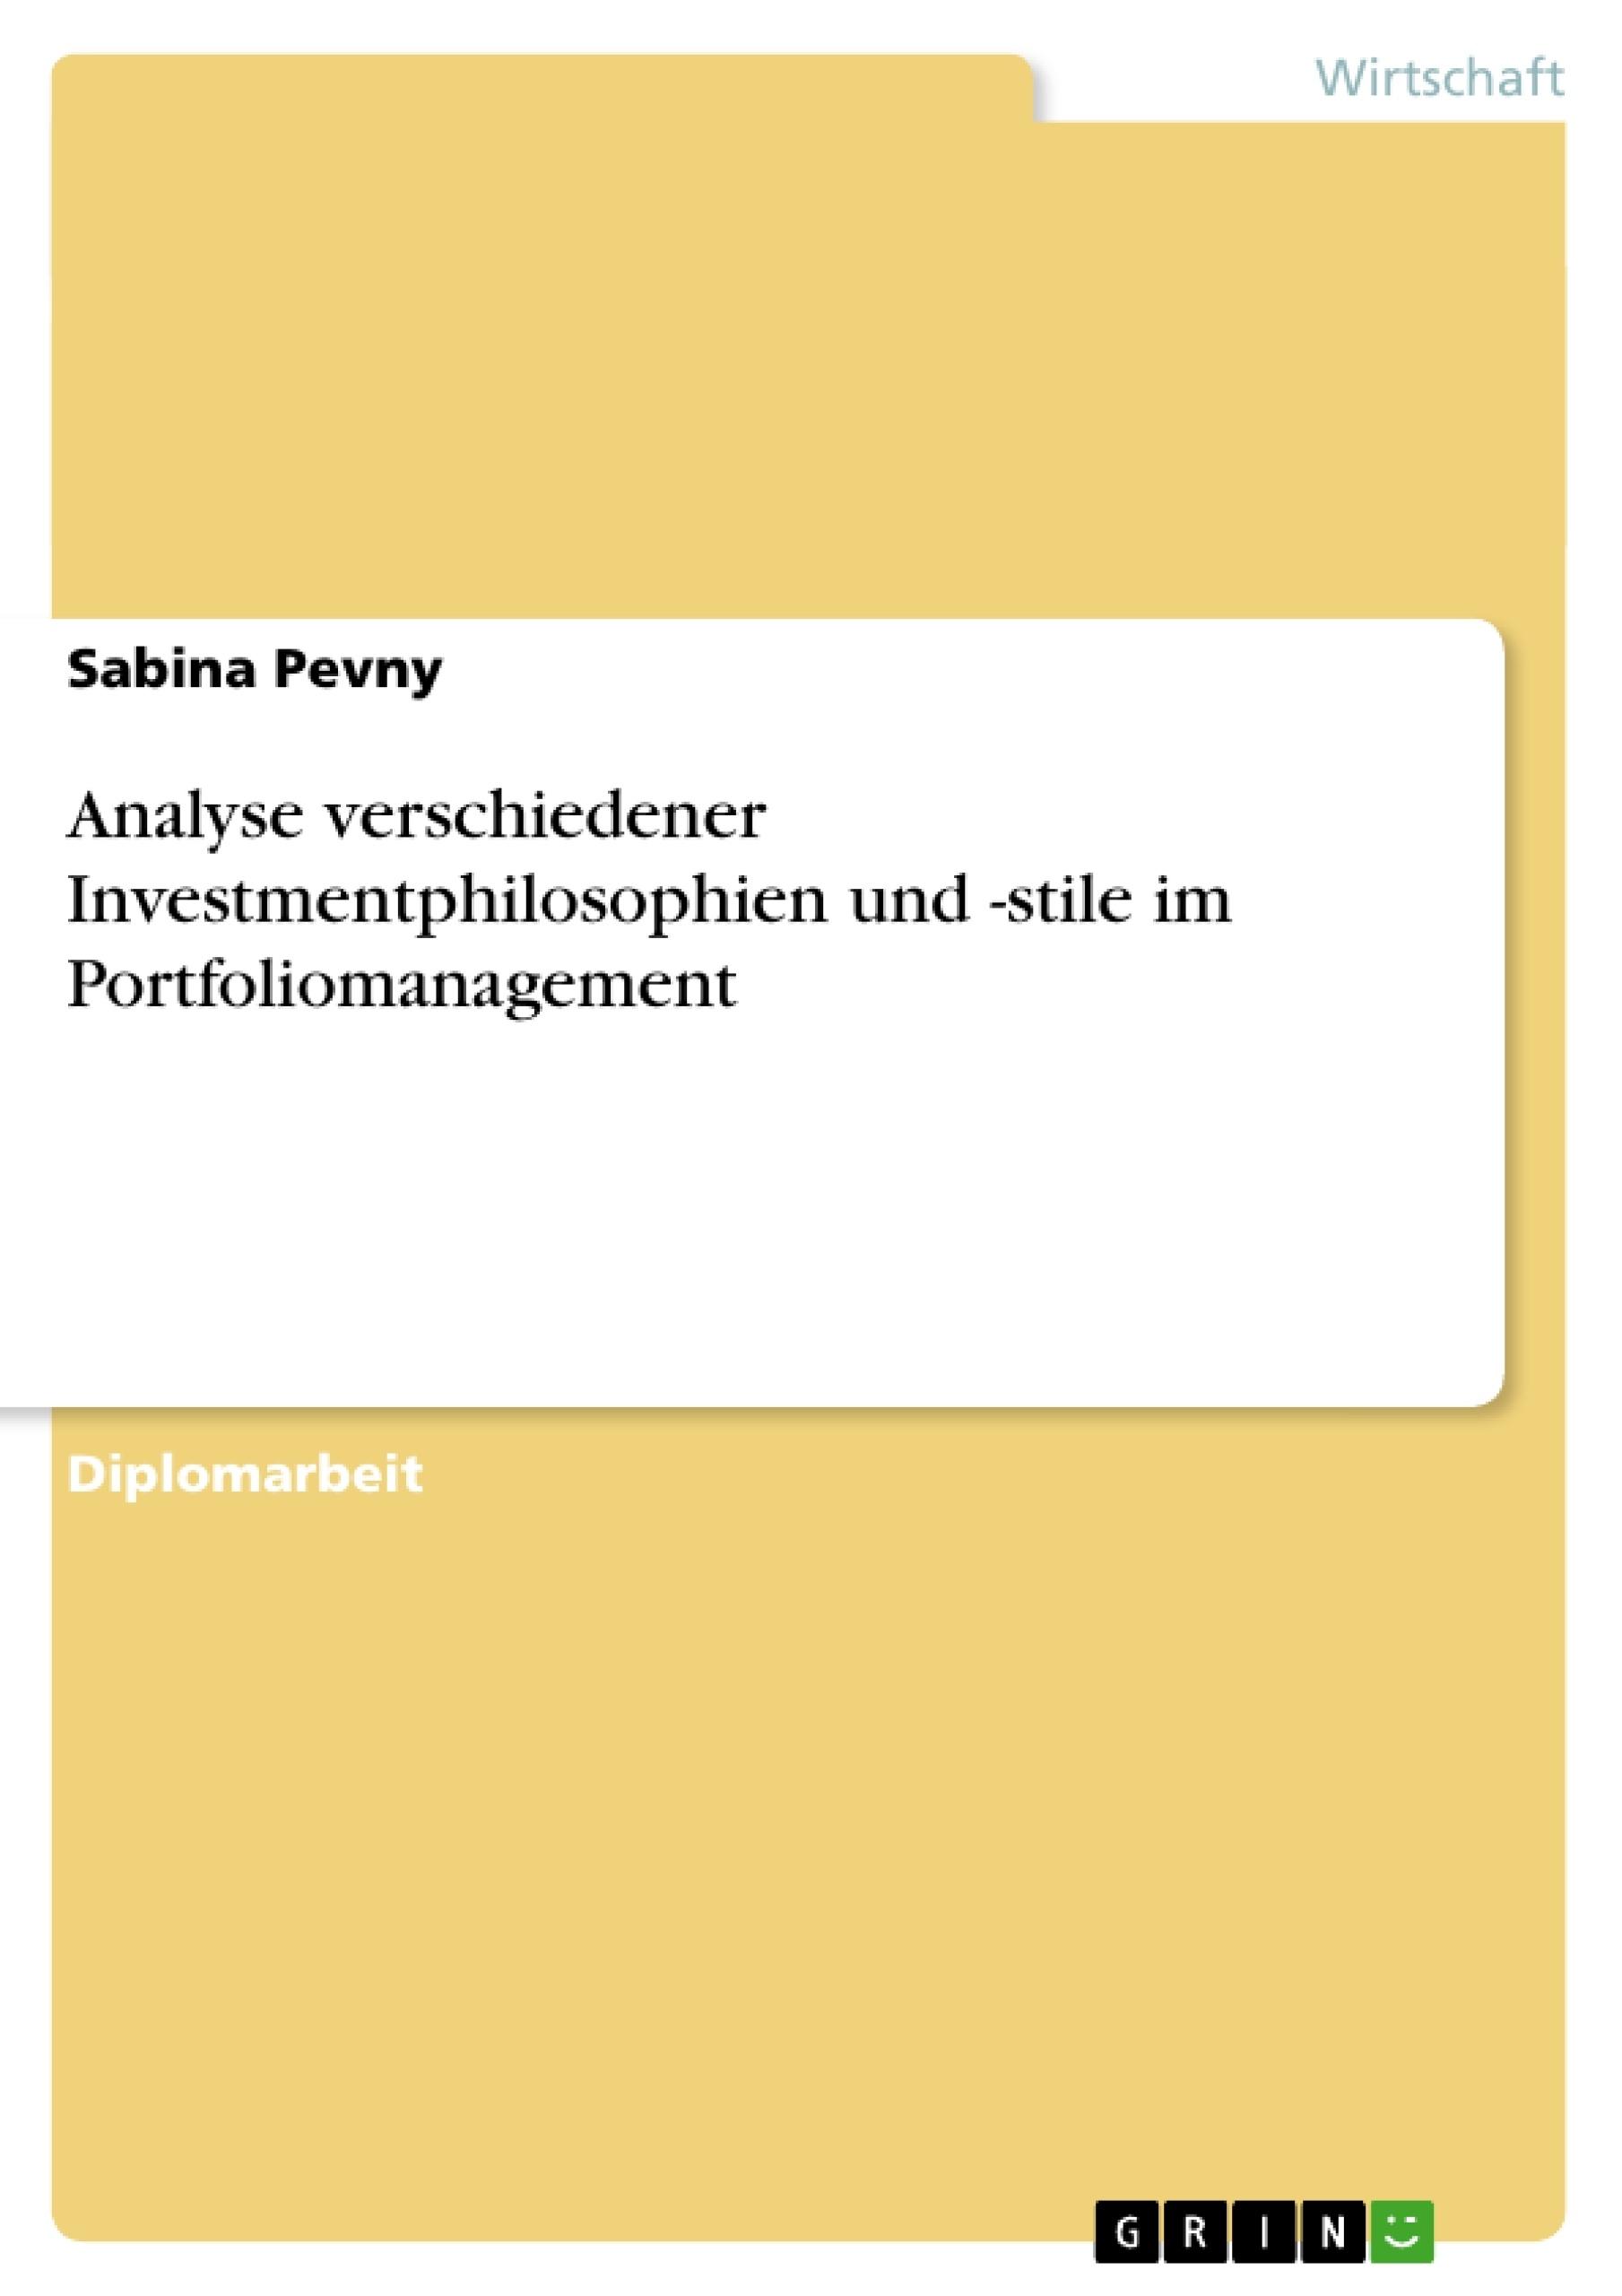 Titel: Analyse verschiedener Investmentphilosophien und -stile im Portfoliomanagement